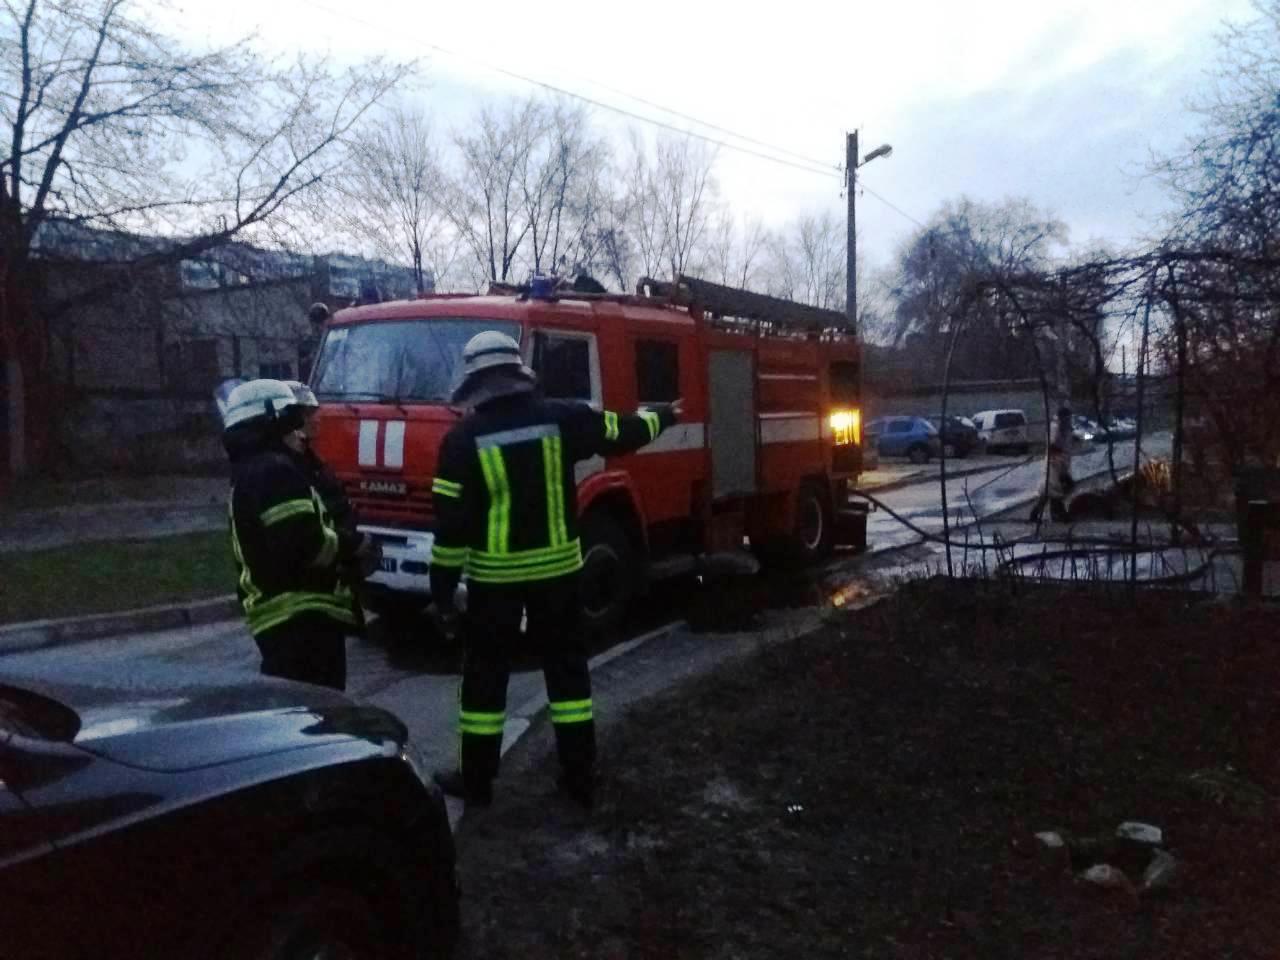 ВЗапорожье втрехкомнатной квартире произошел пожар: есть погибший